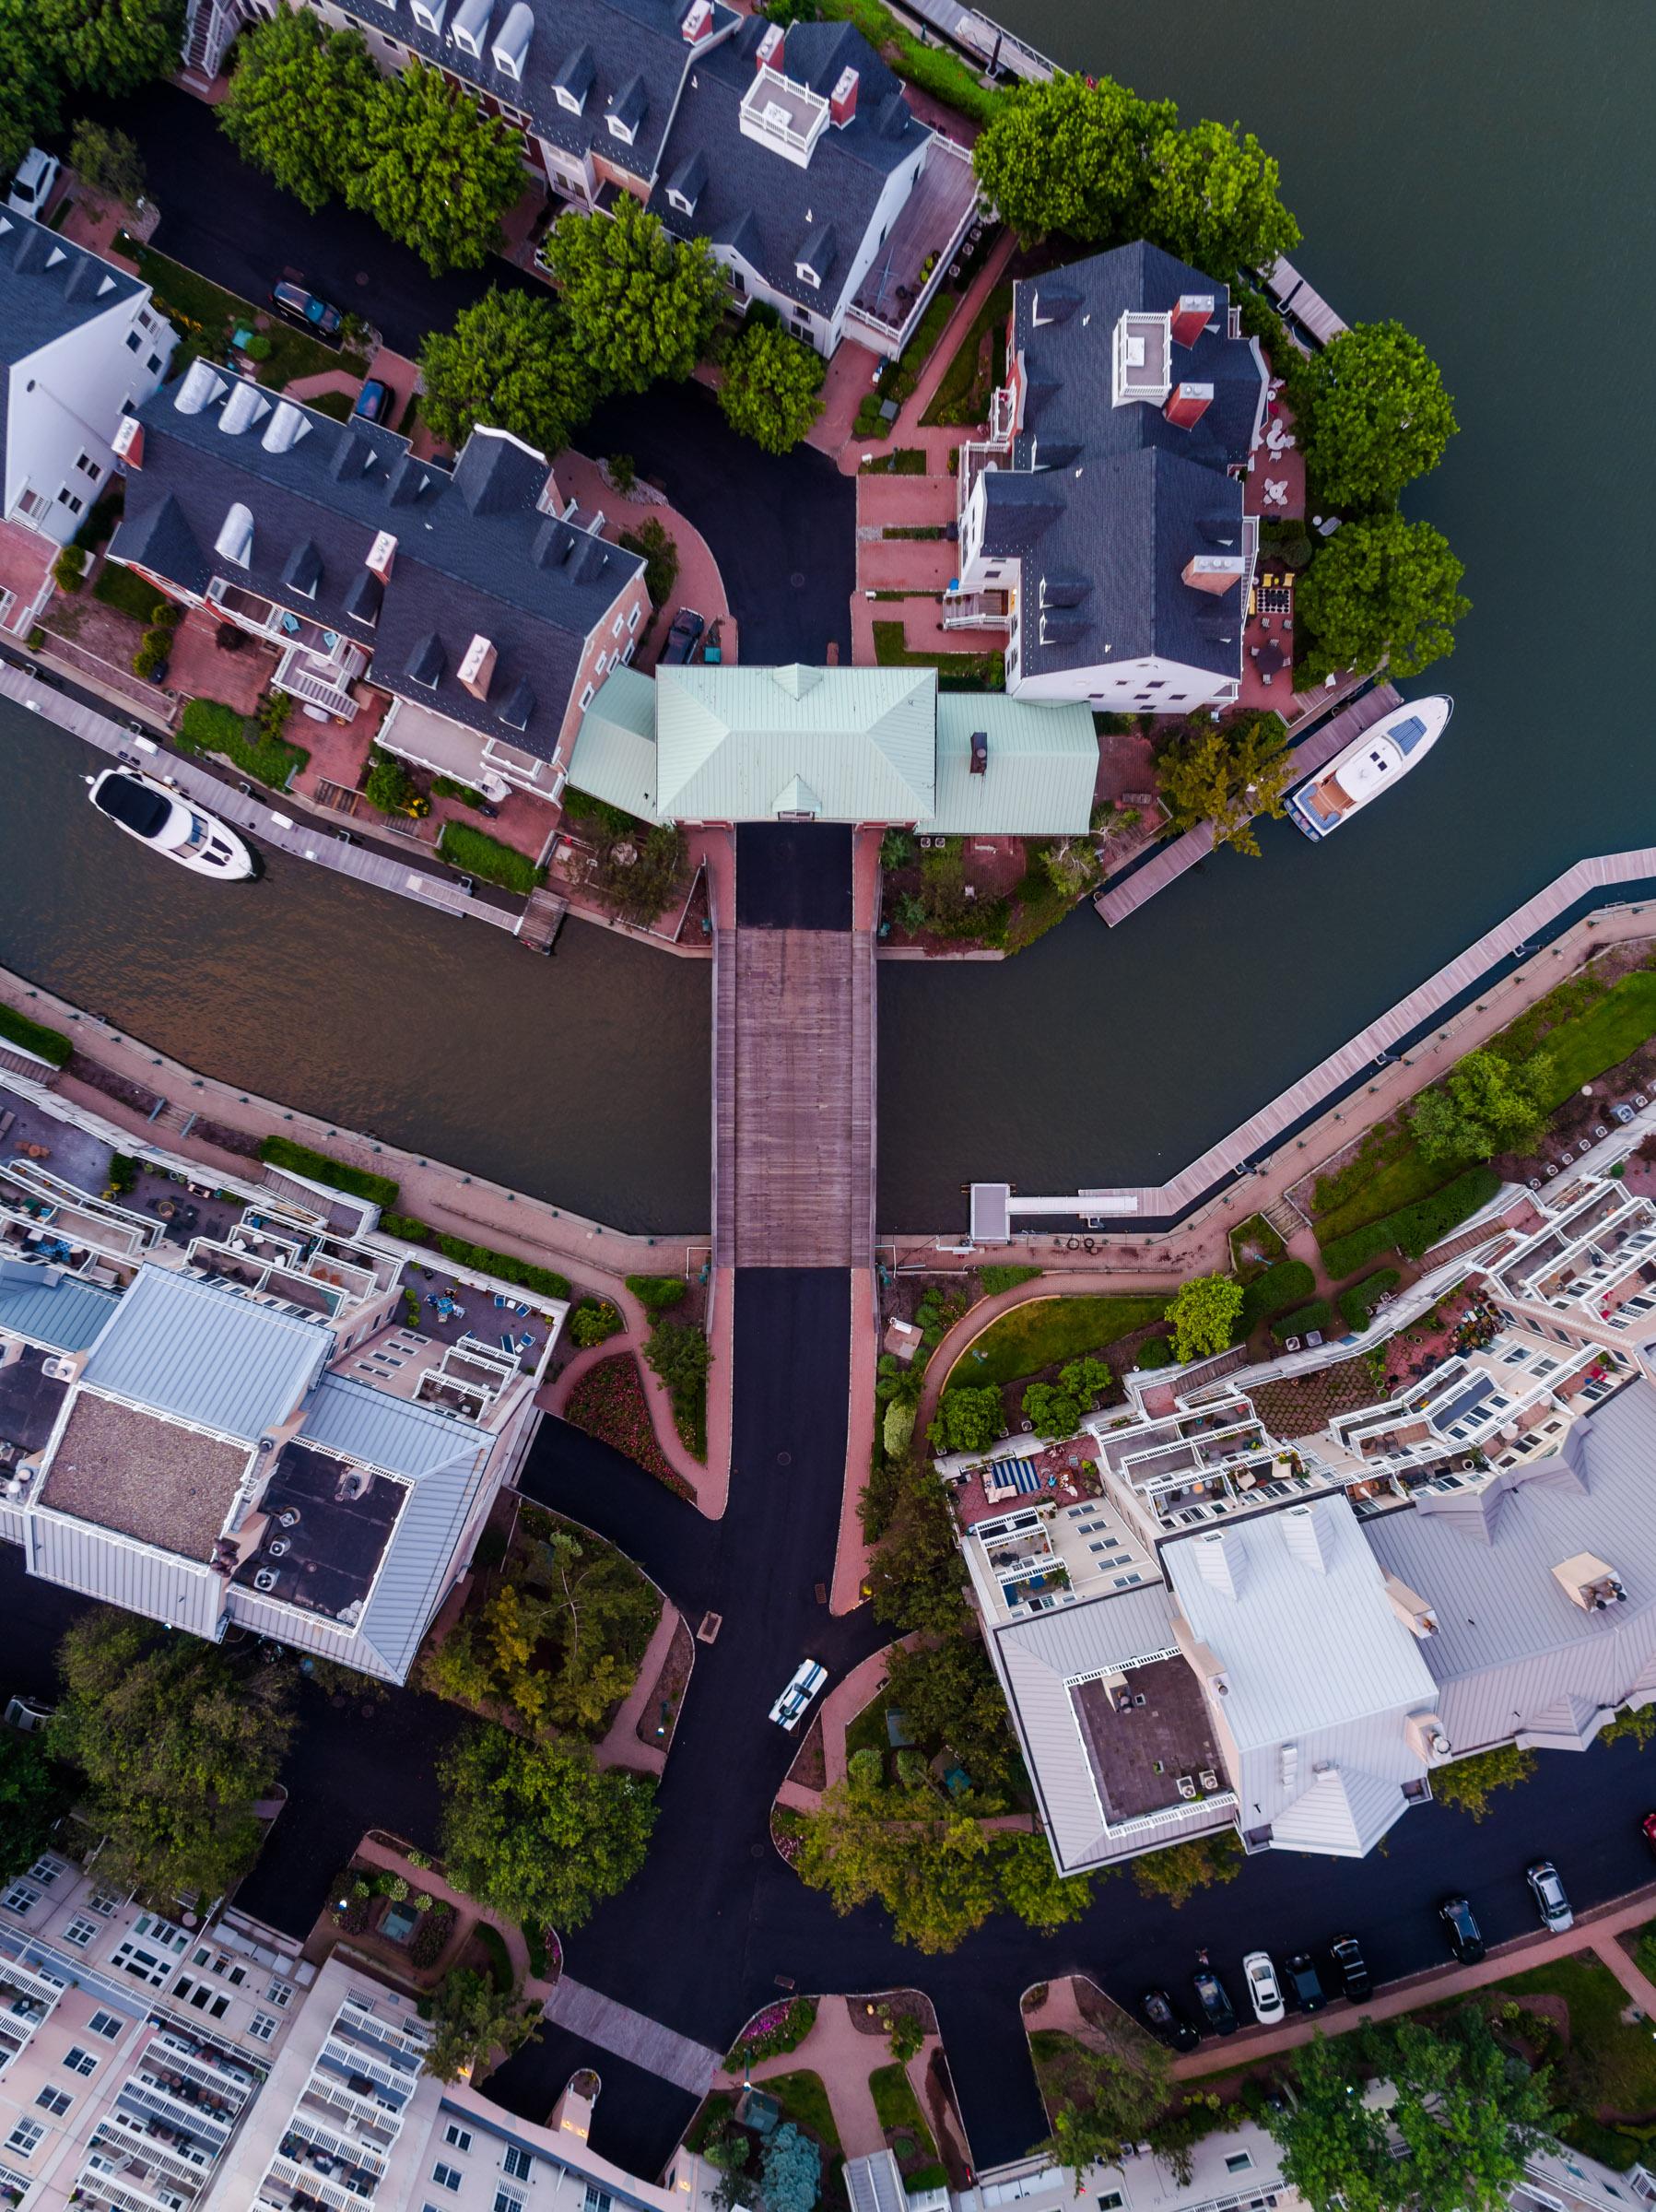 BayonneTownBridge_typoland_Aerial.jpg